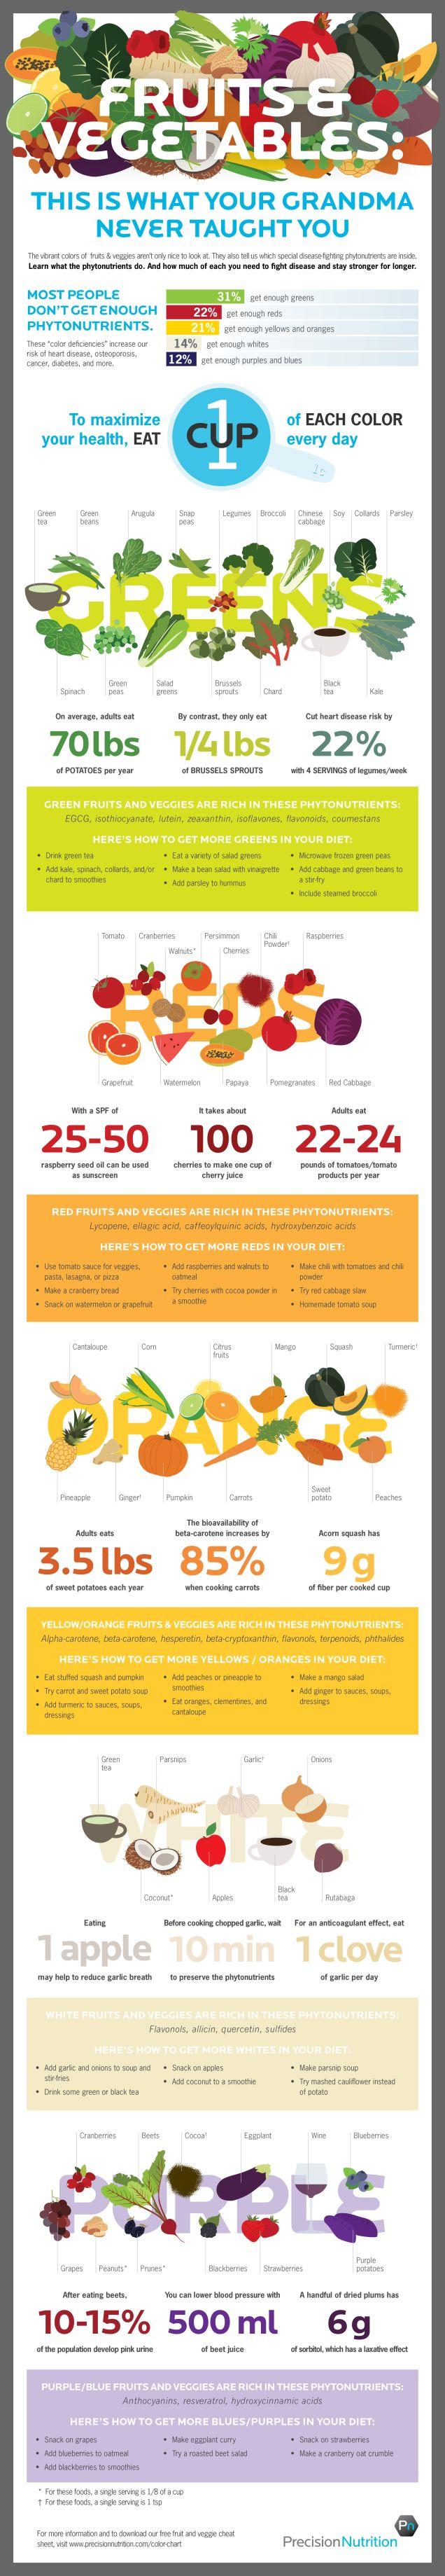 beneficii fructe legume dupa culoare